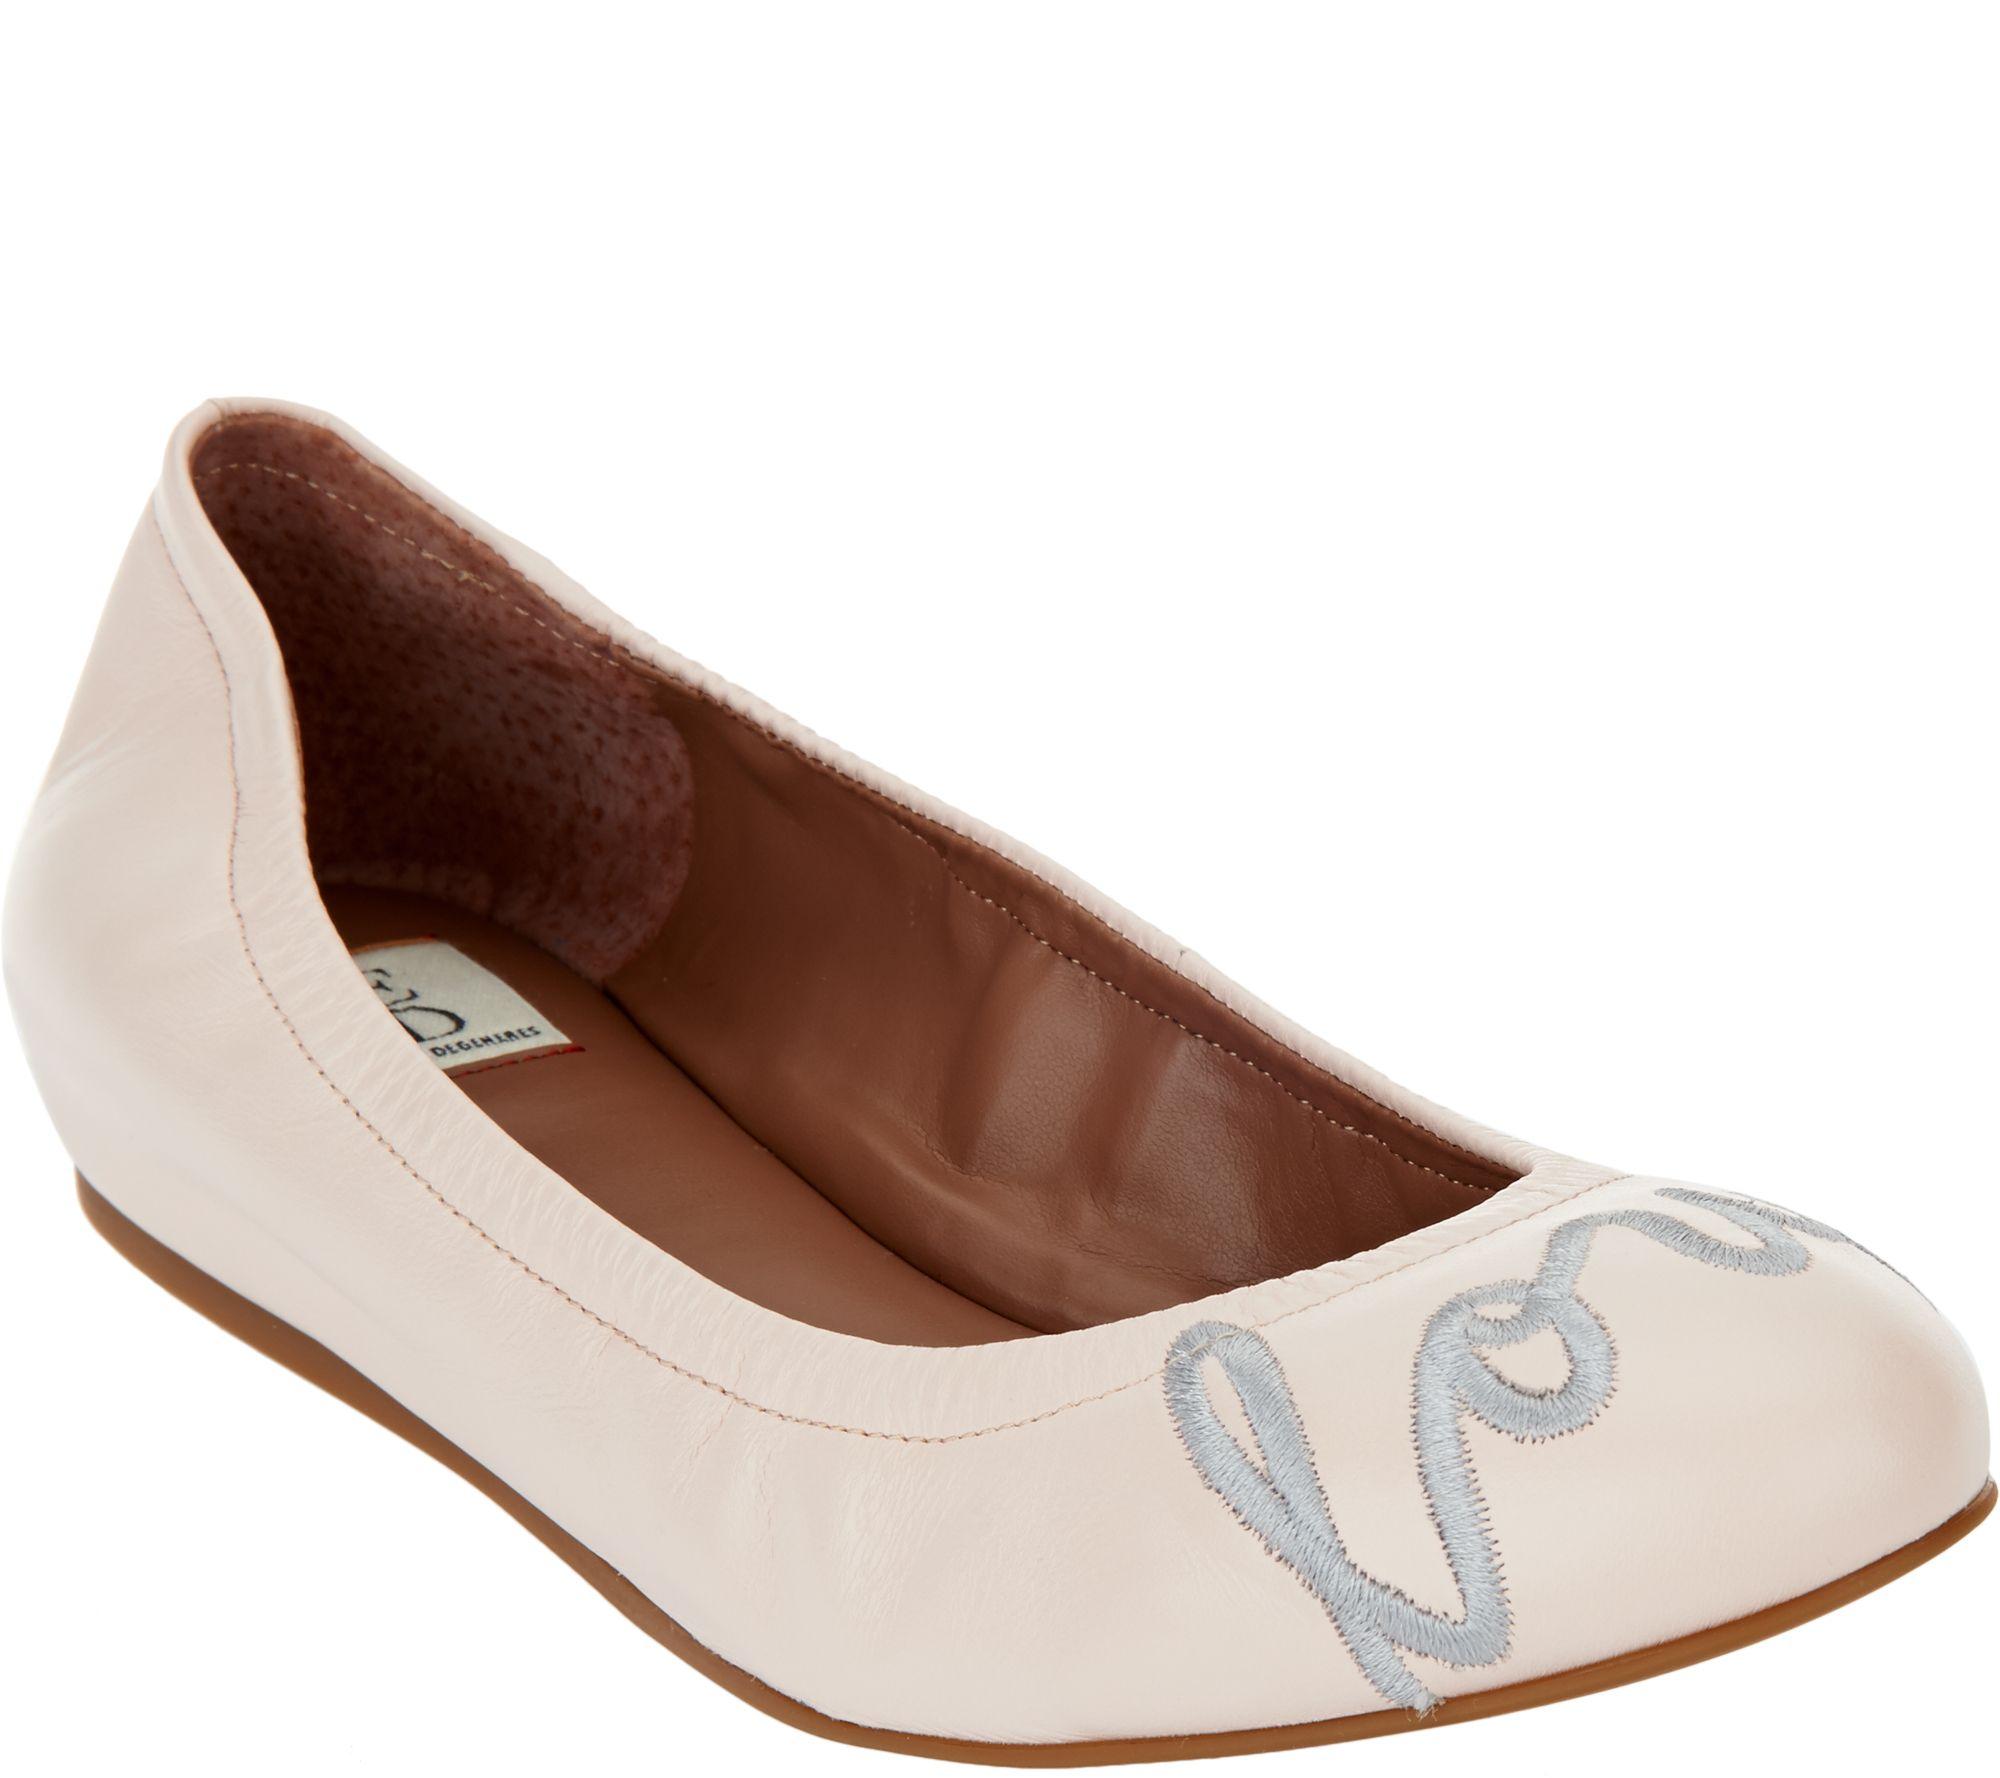 ff74cf1a6bd ED Ellen DeGeneres Leather Ballet Flats - Langston - Page 1 — QVC.com